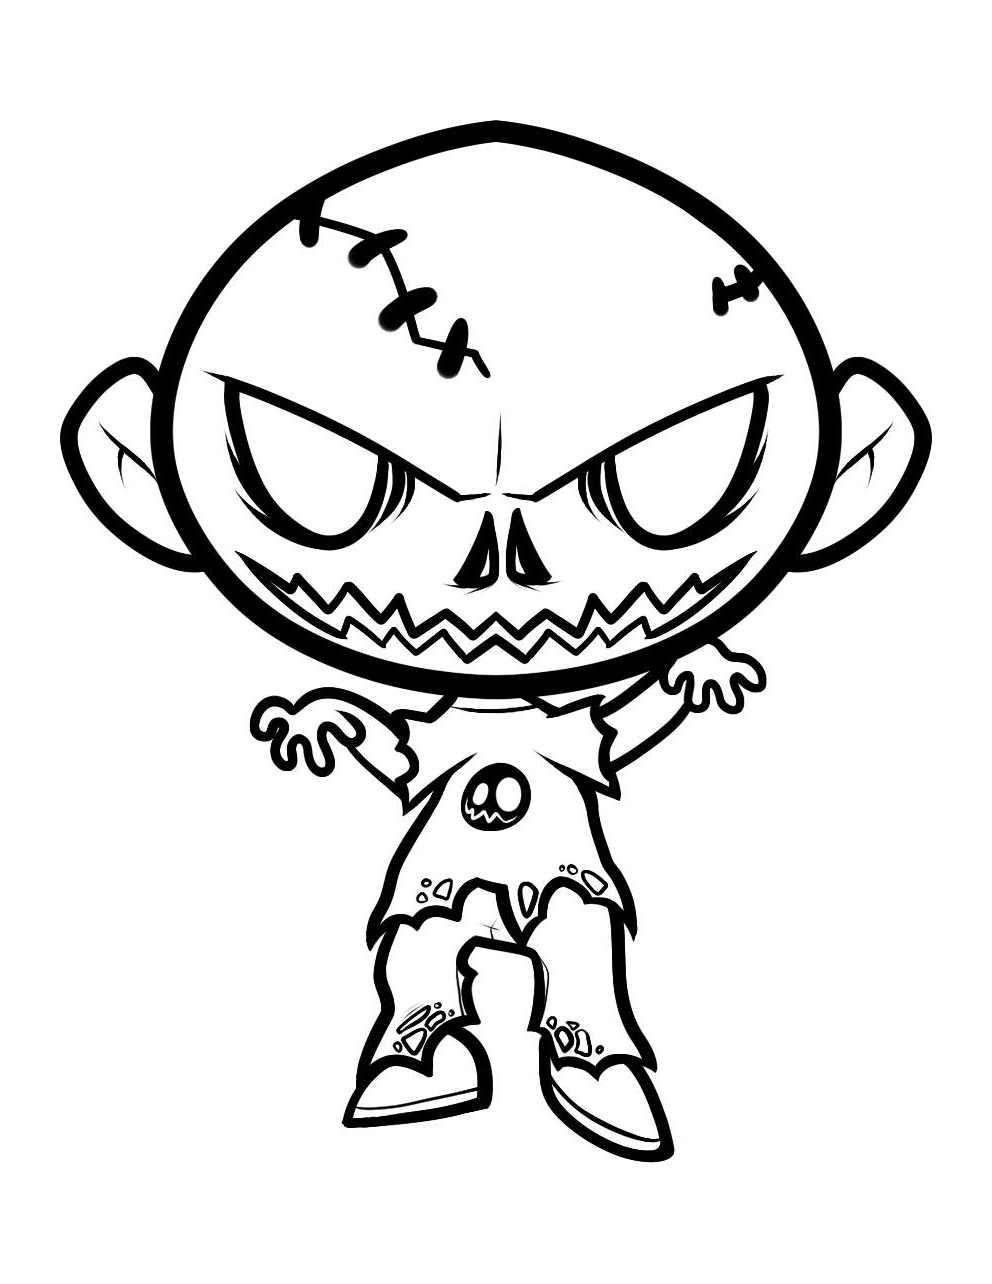 Dessin Une Jolie image de zombie  colorier et imprimer